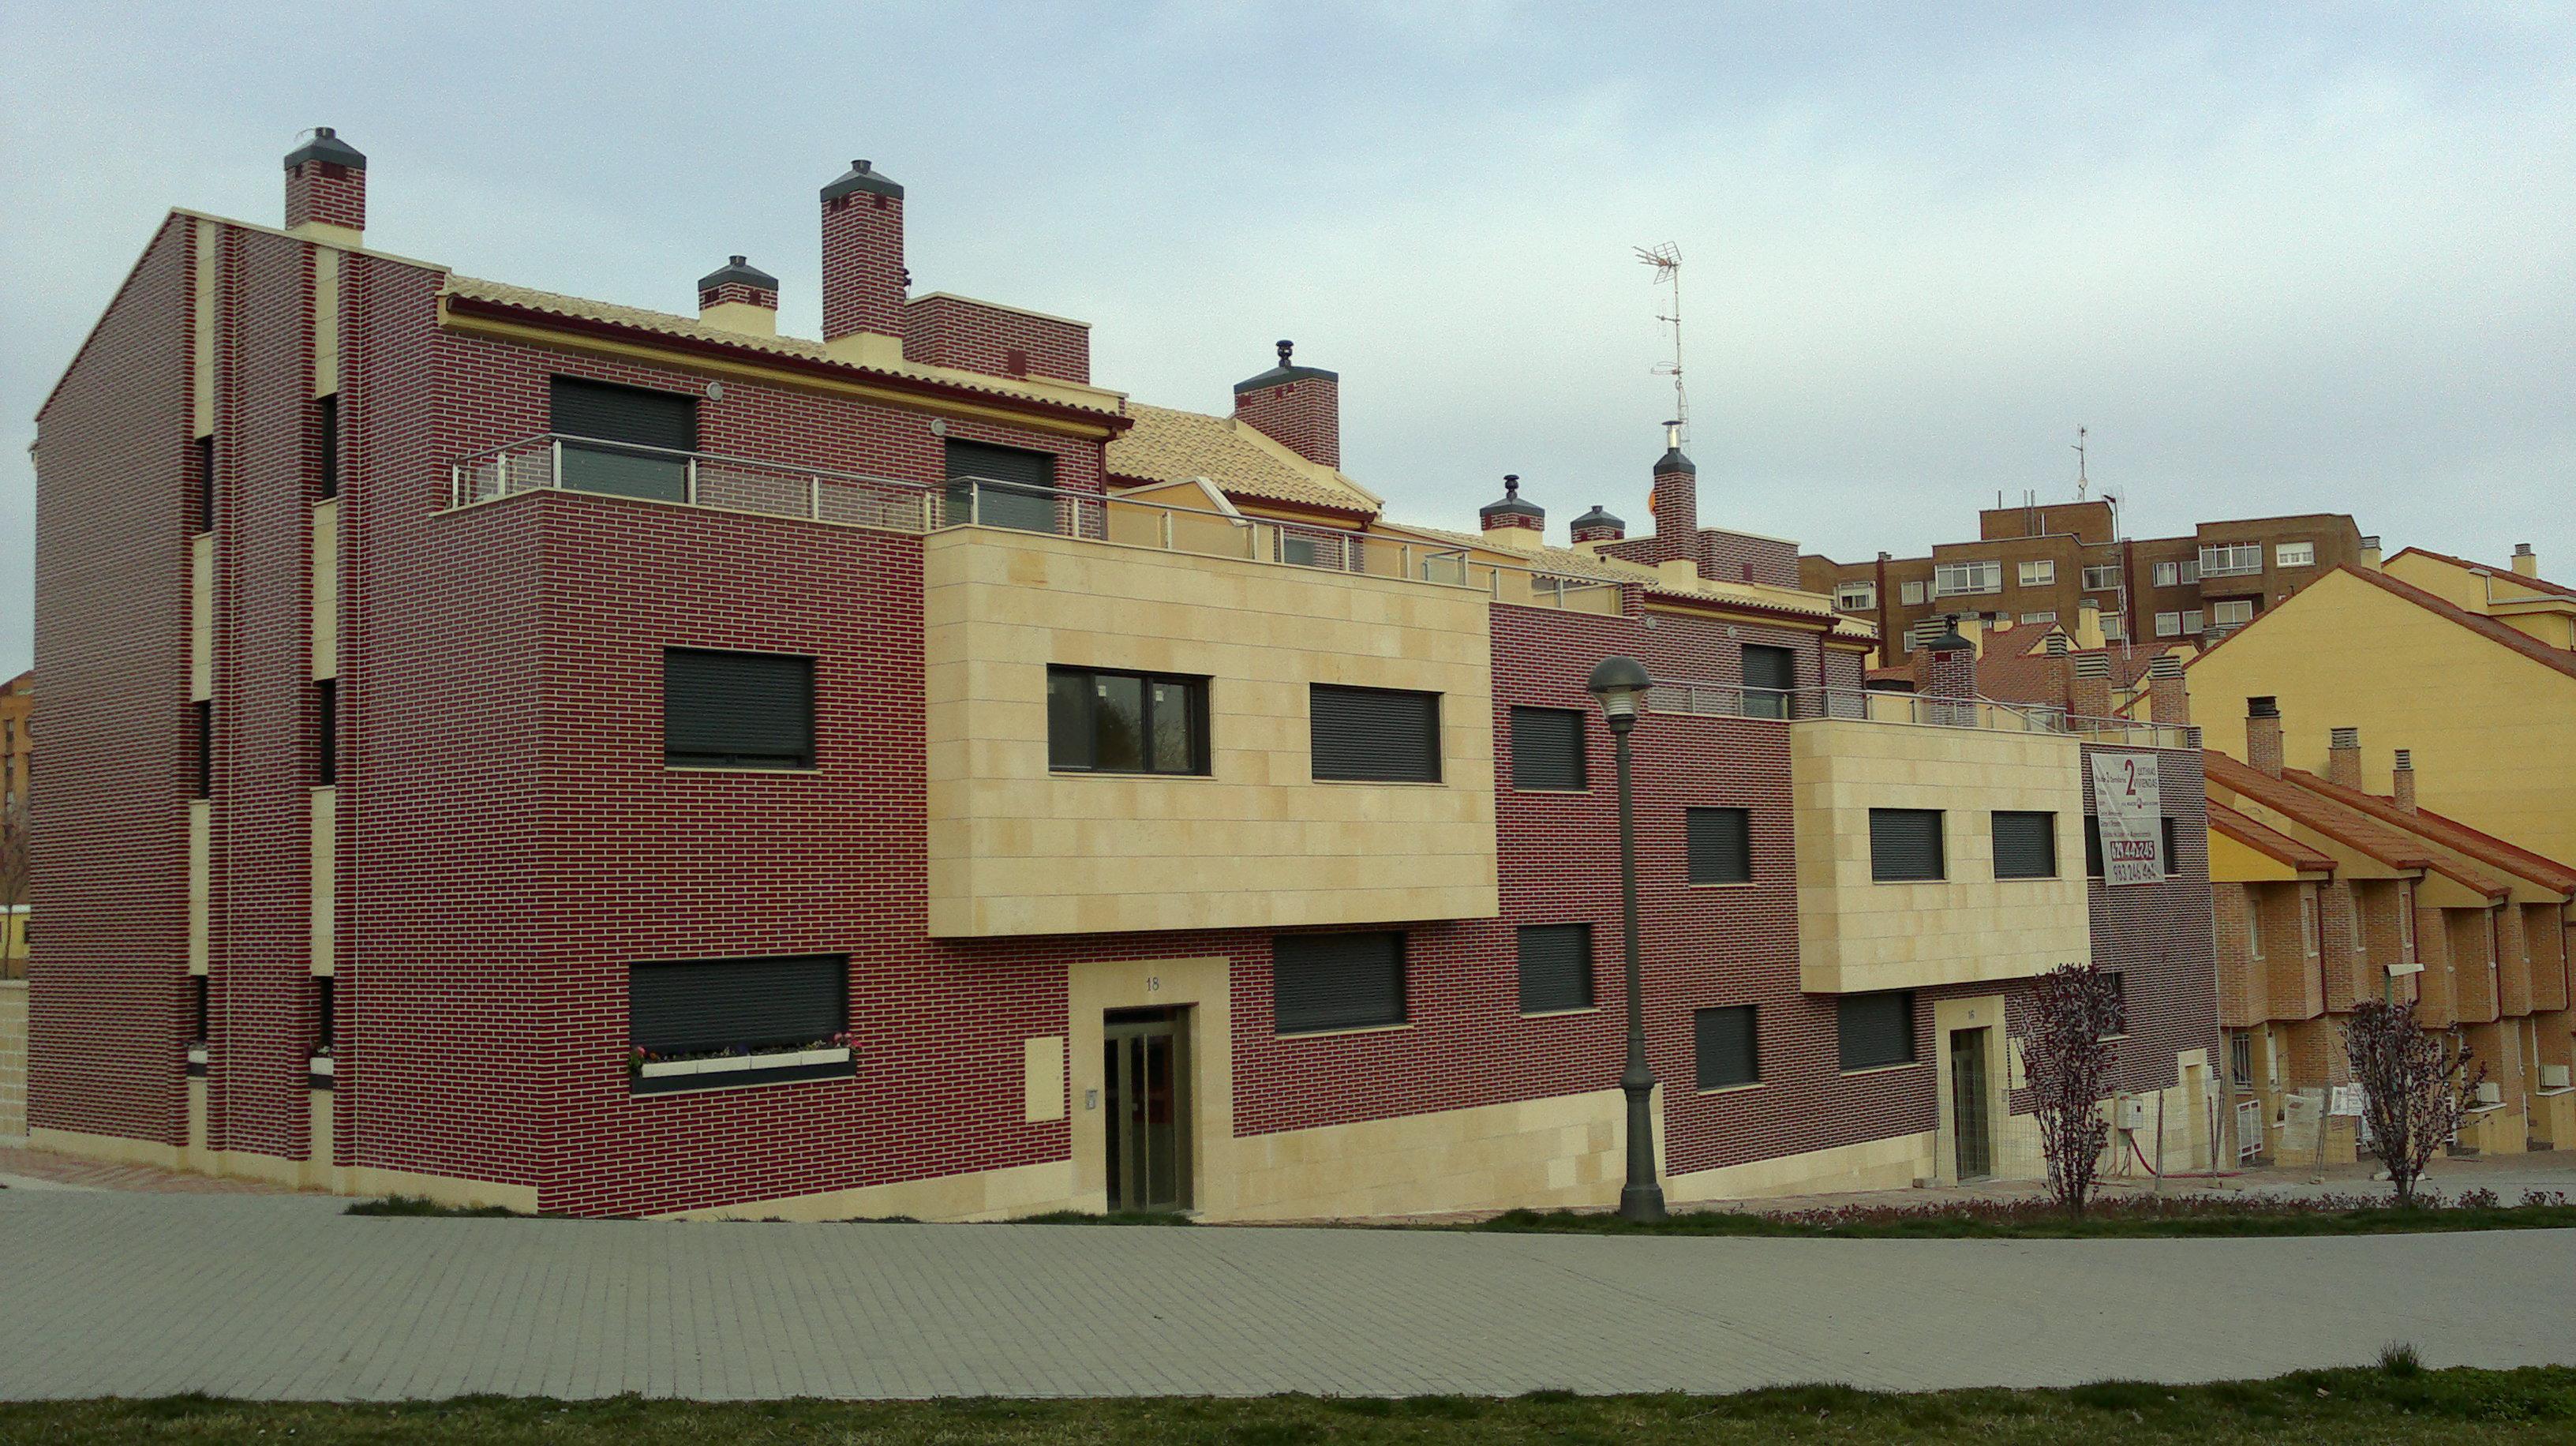 Obra y proyecto de 10 viviendas en valladolid subida de - Constructoras en valladolid ...